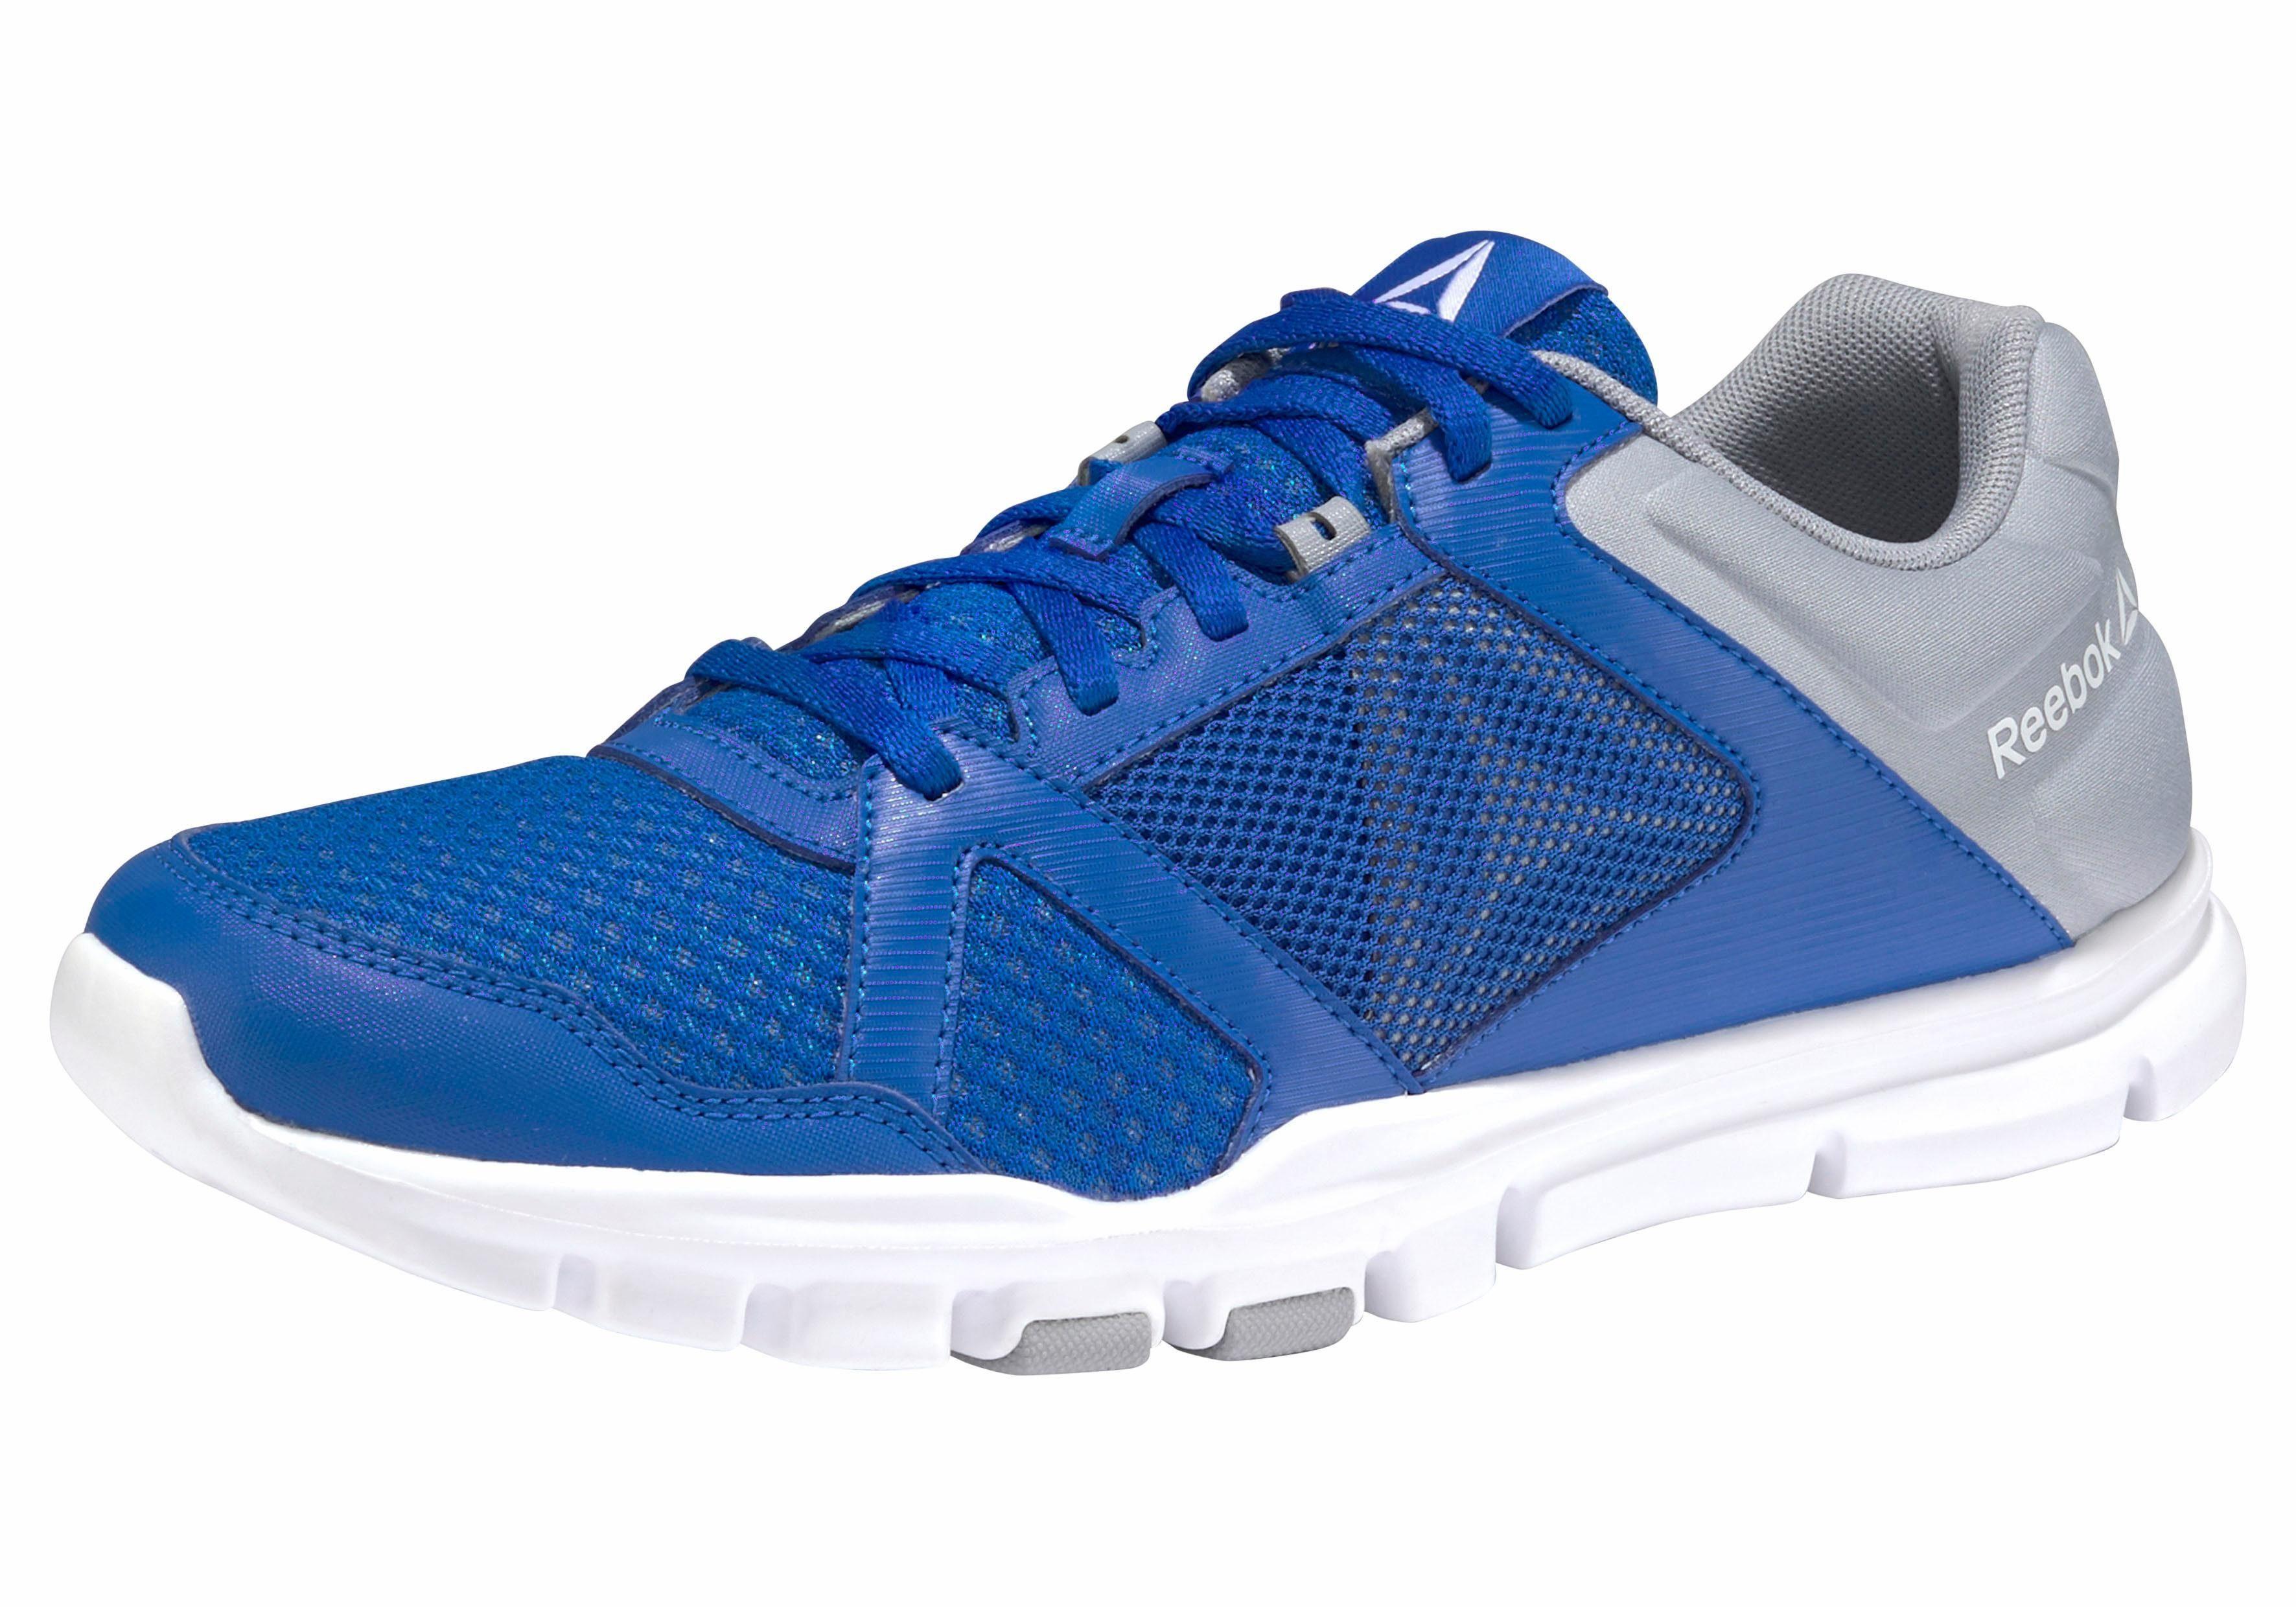 Reebok Yourflex Train 10 M Fitnessschuh kaufen  blau-grau